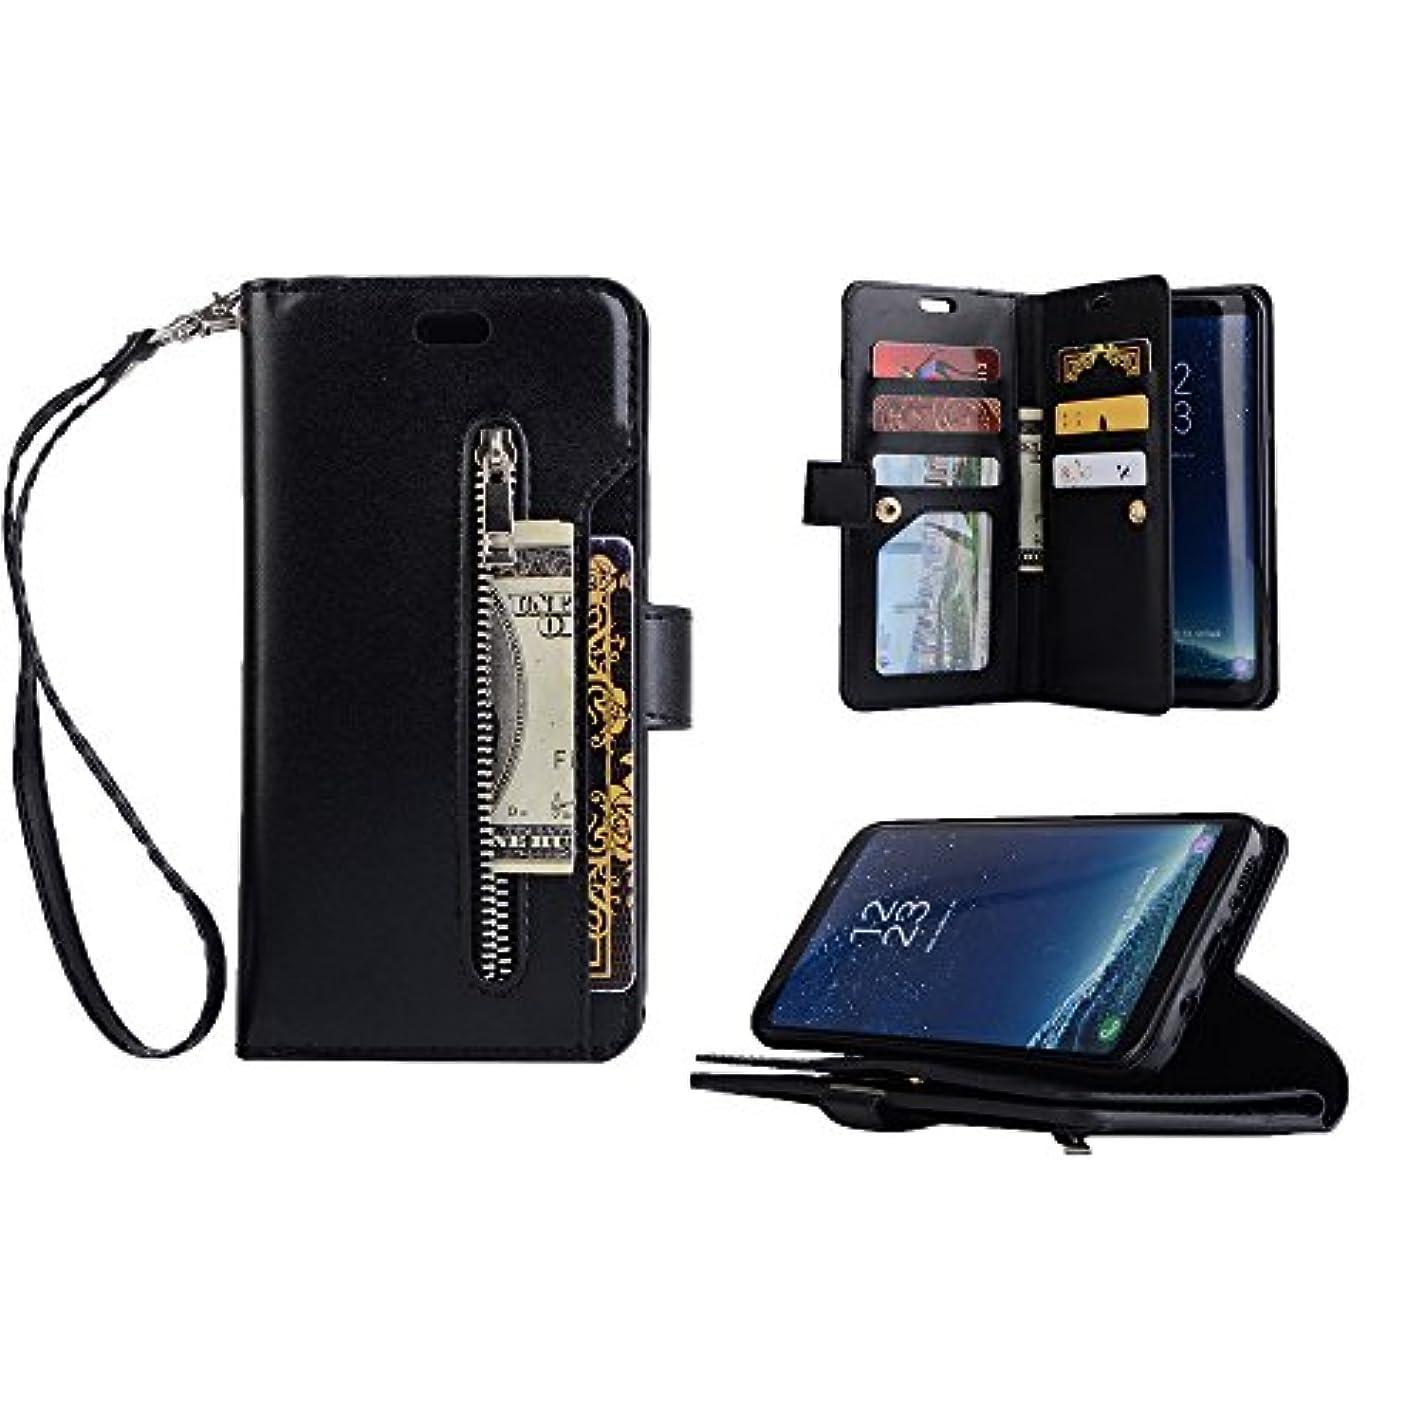 進化する接触フルーツ野菜Galaxy S8 Plus おしゃれカバー PUレザー カード収納 スタンド機能 ストラップ付き 手帳型ケース ギャラクシー S8 Plus対応 ブラックメンズ かっこいい ビジネス